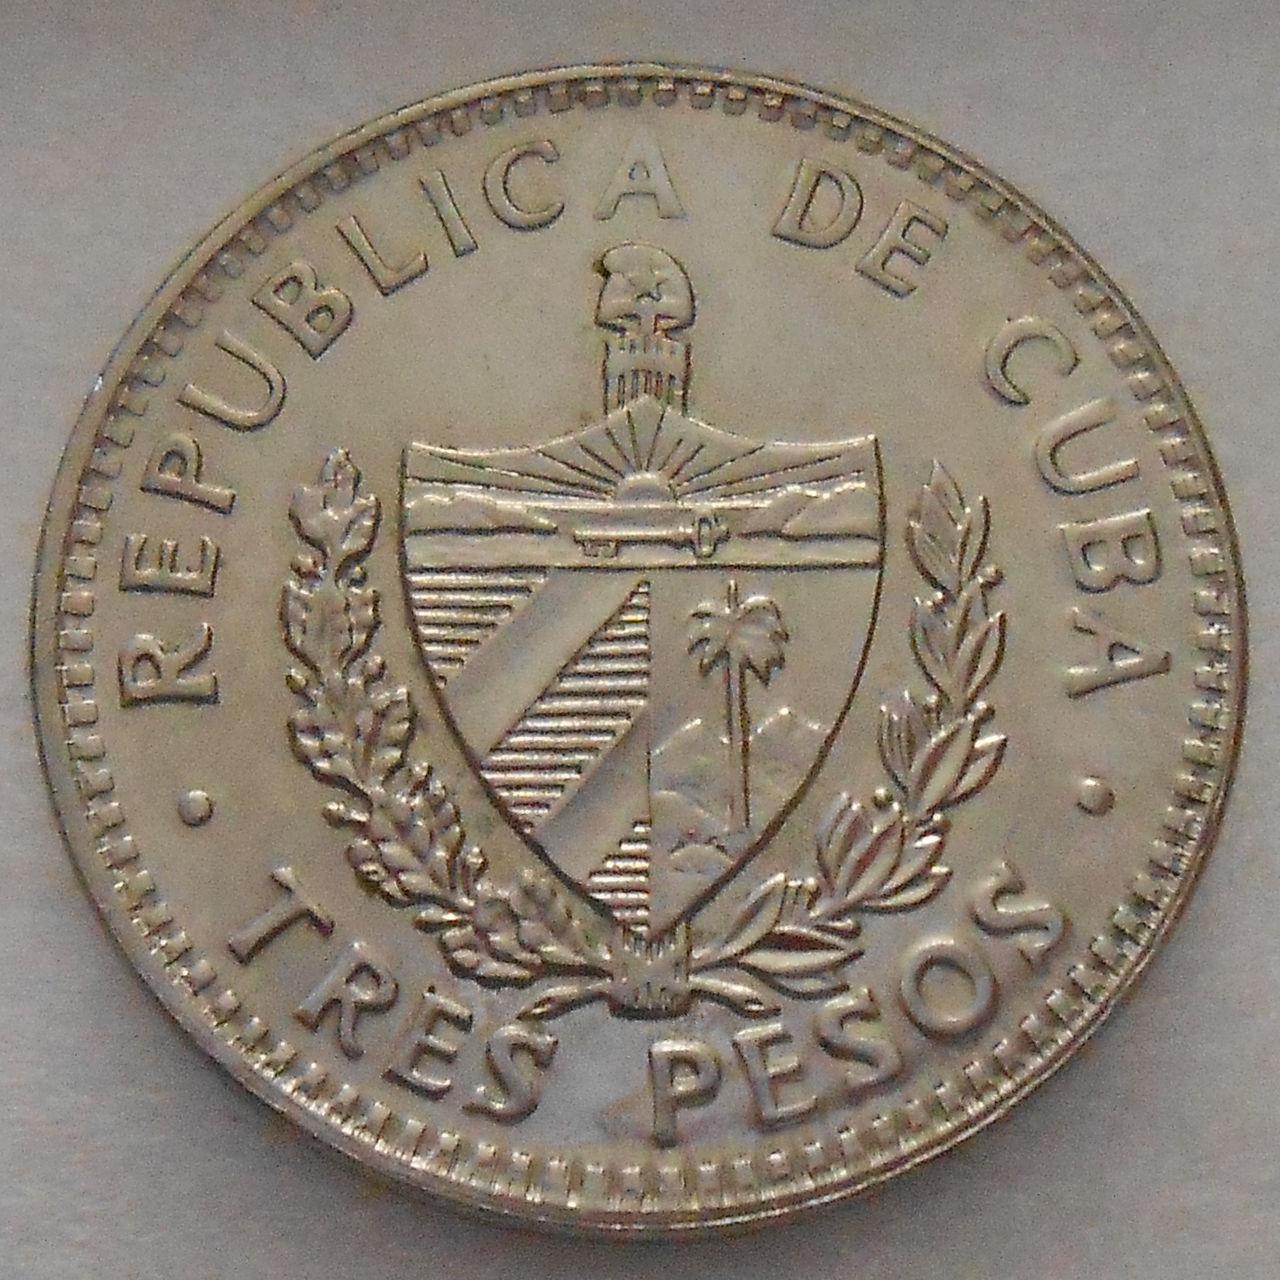 3 pesos Cuba año 1995 - Che Guevara 3_pesos_1995_rev